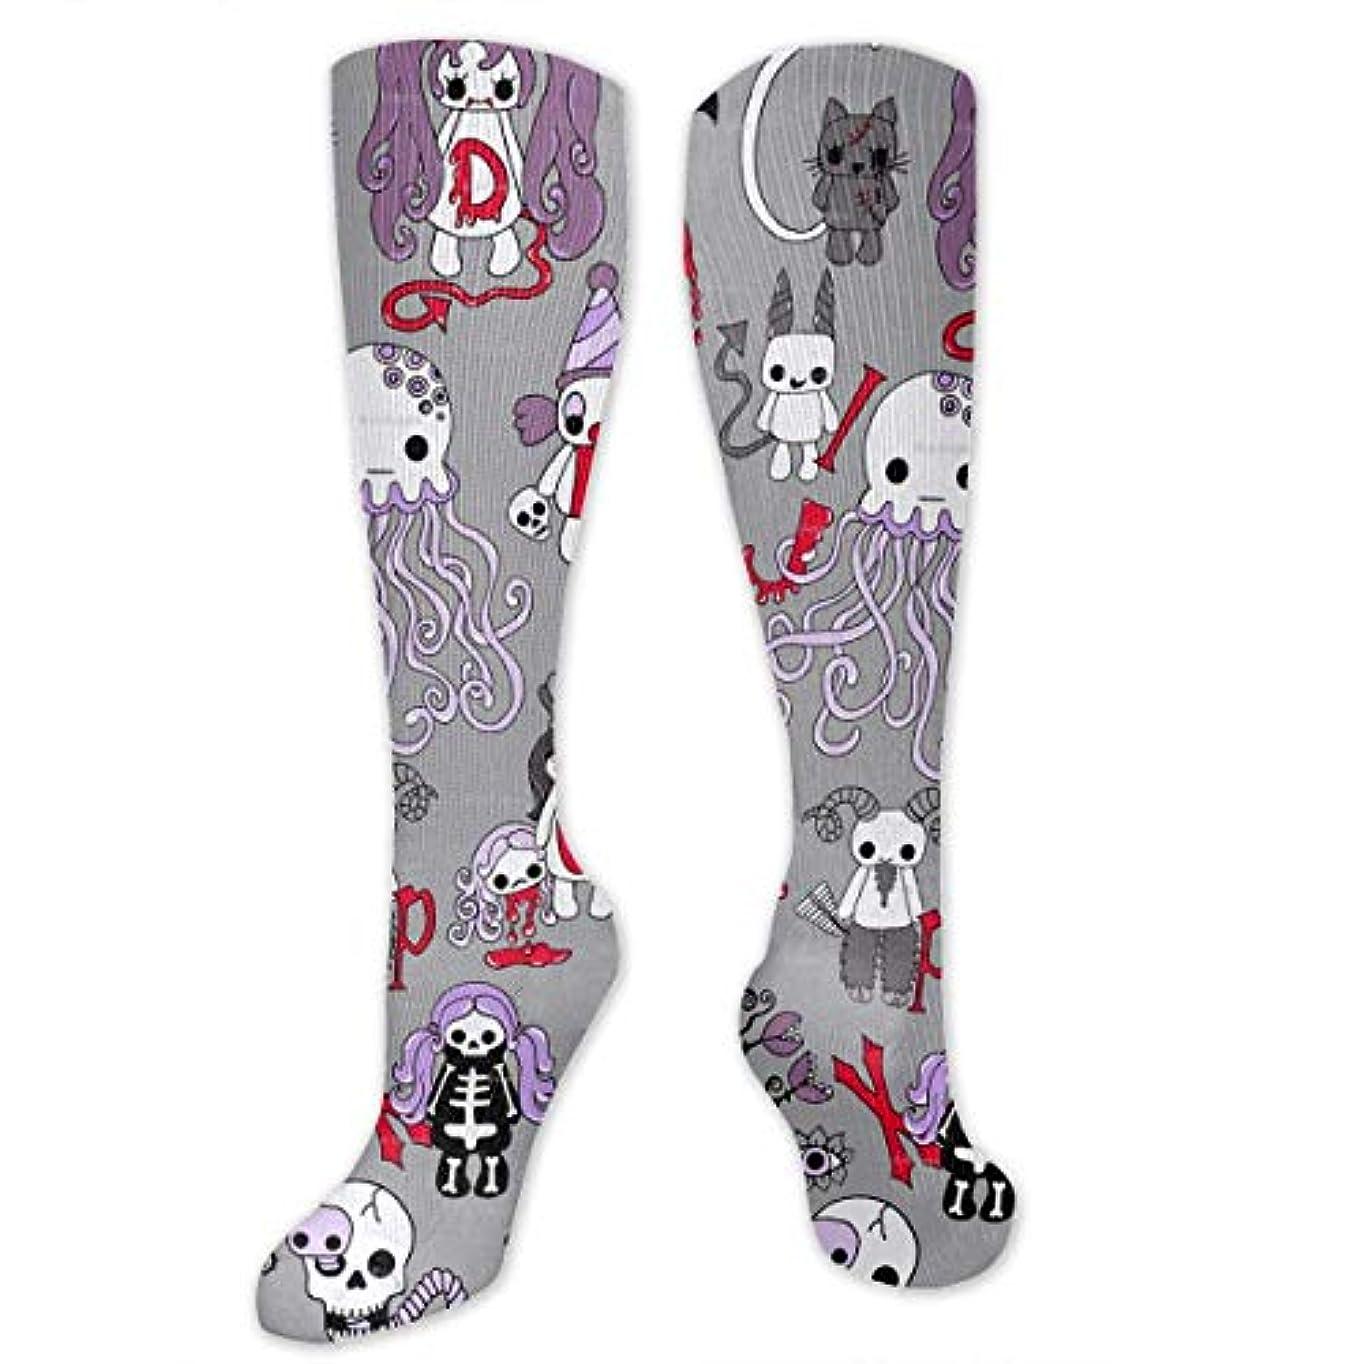 単位洗剤入場靴下,ストッキング,野生のジョーカー,実際,秋の本質,冬必須,サマーウェア&RBXAA Creepy Cute Alphabet RedOne Socks Women's Winter Cotton Long Tube...